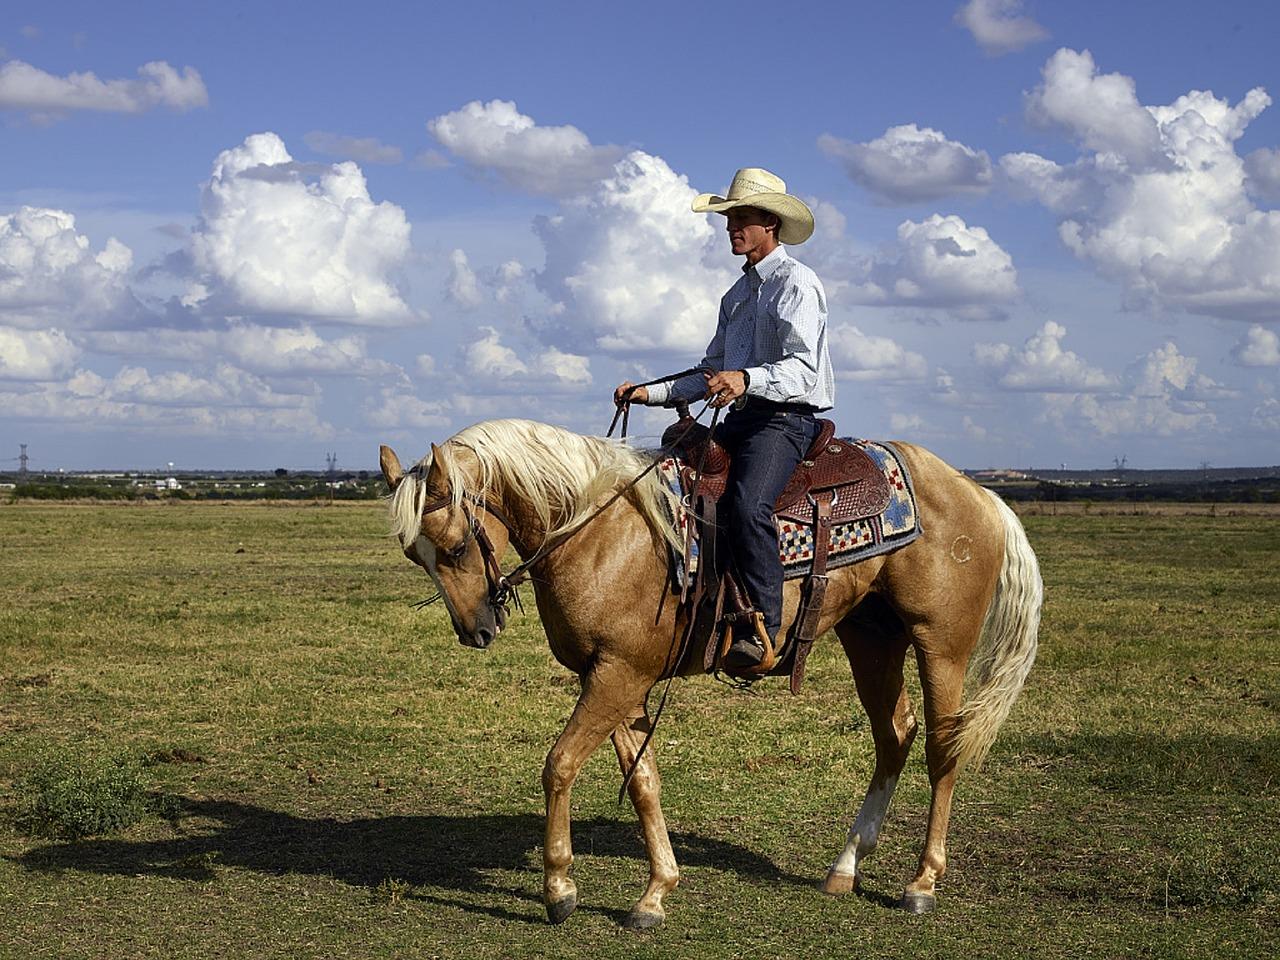 cowboys-ranch-amerique-usa-authentique